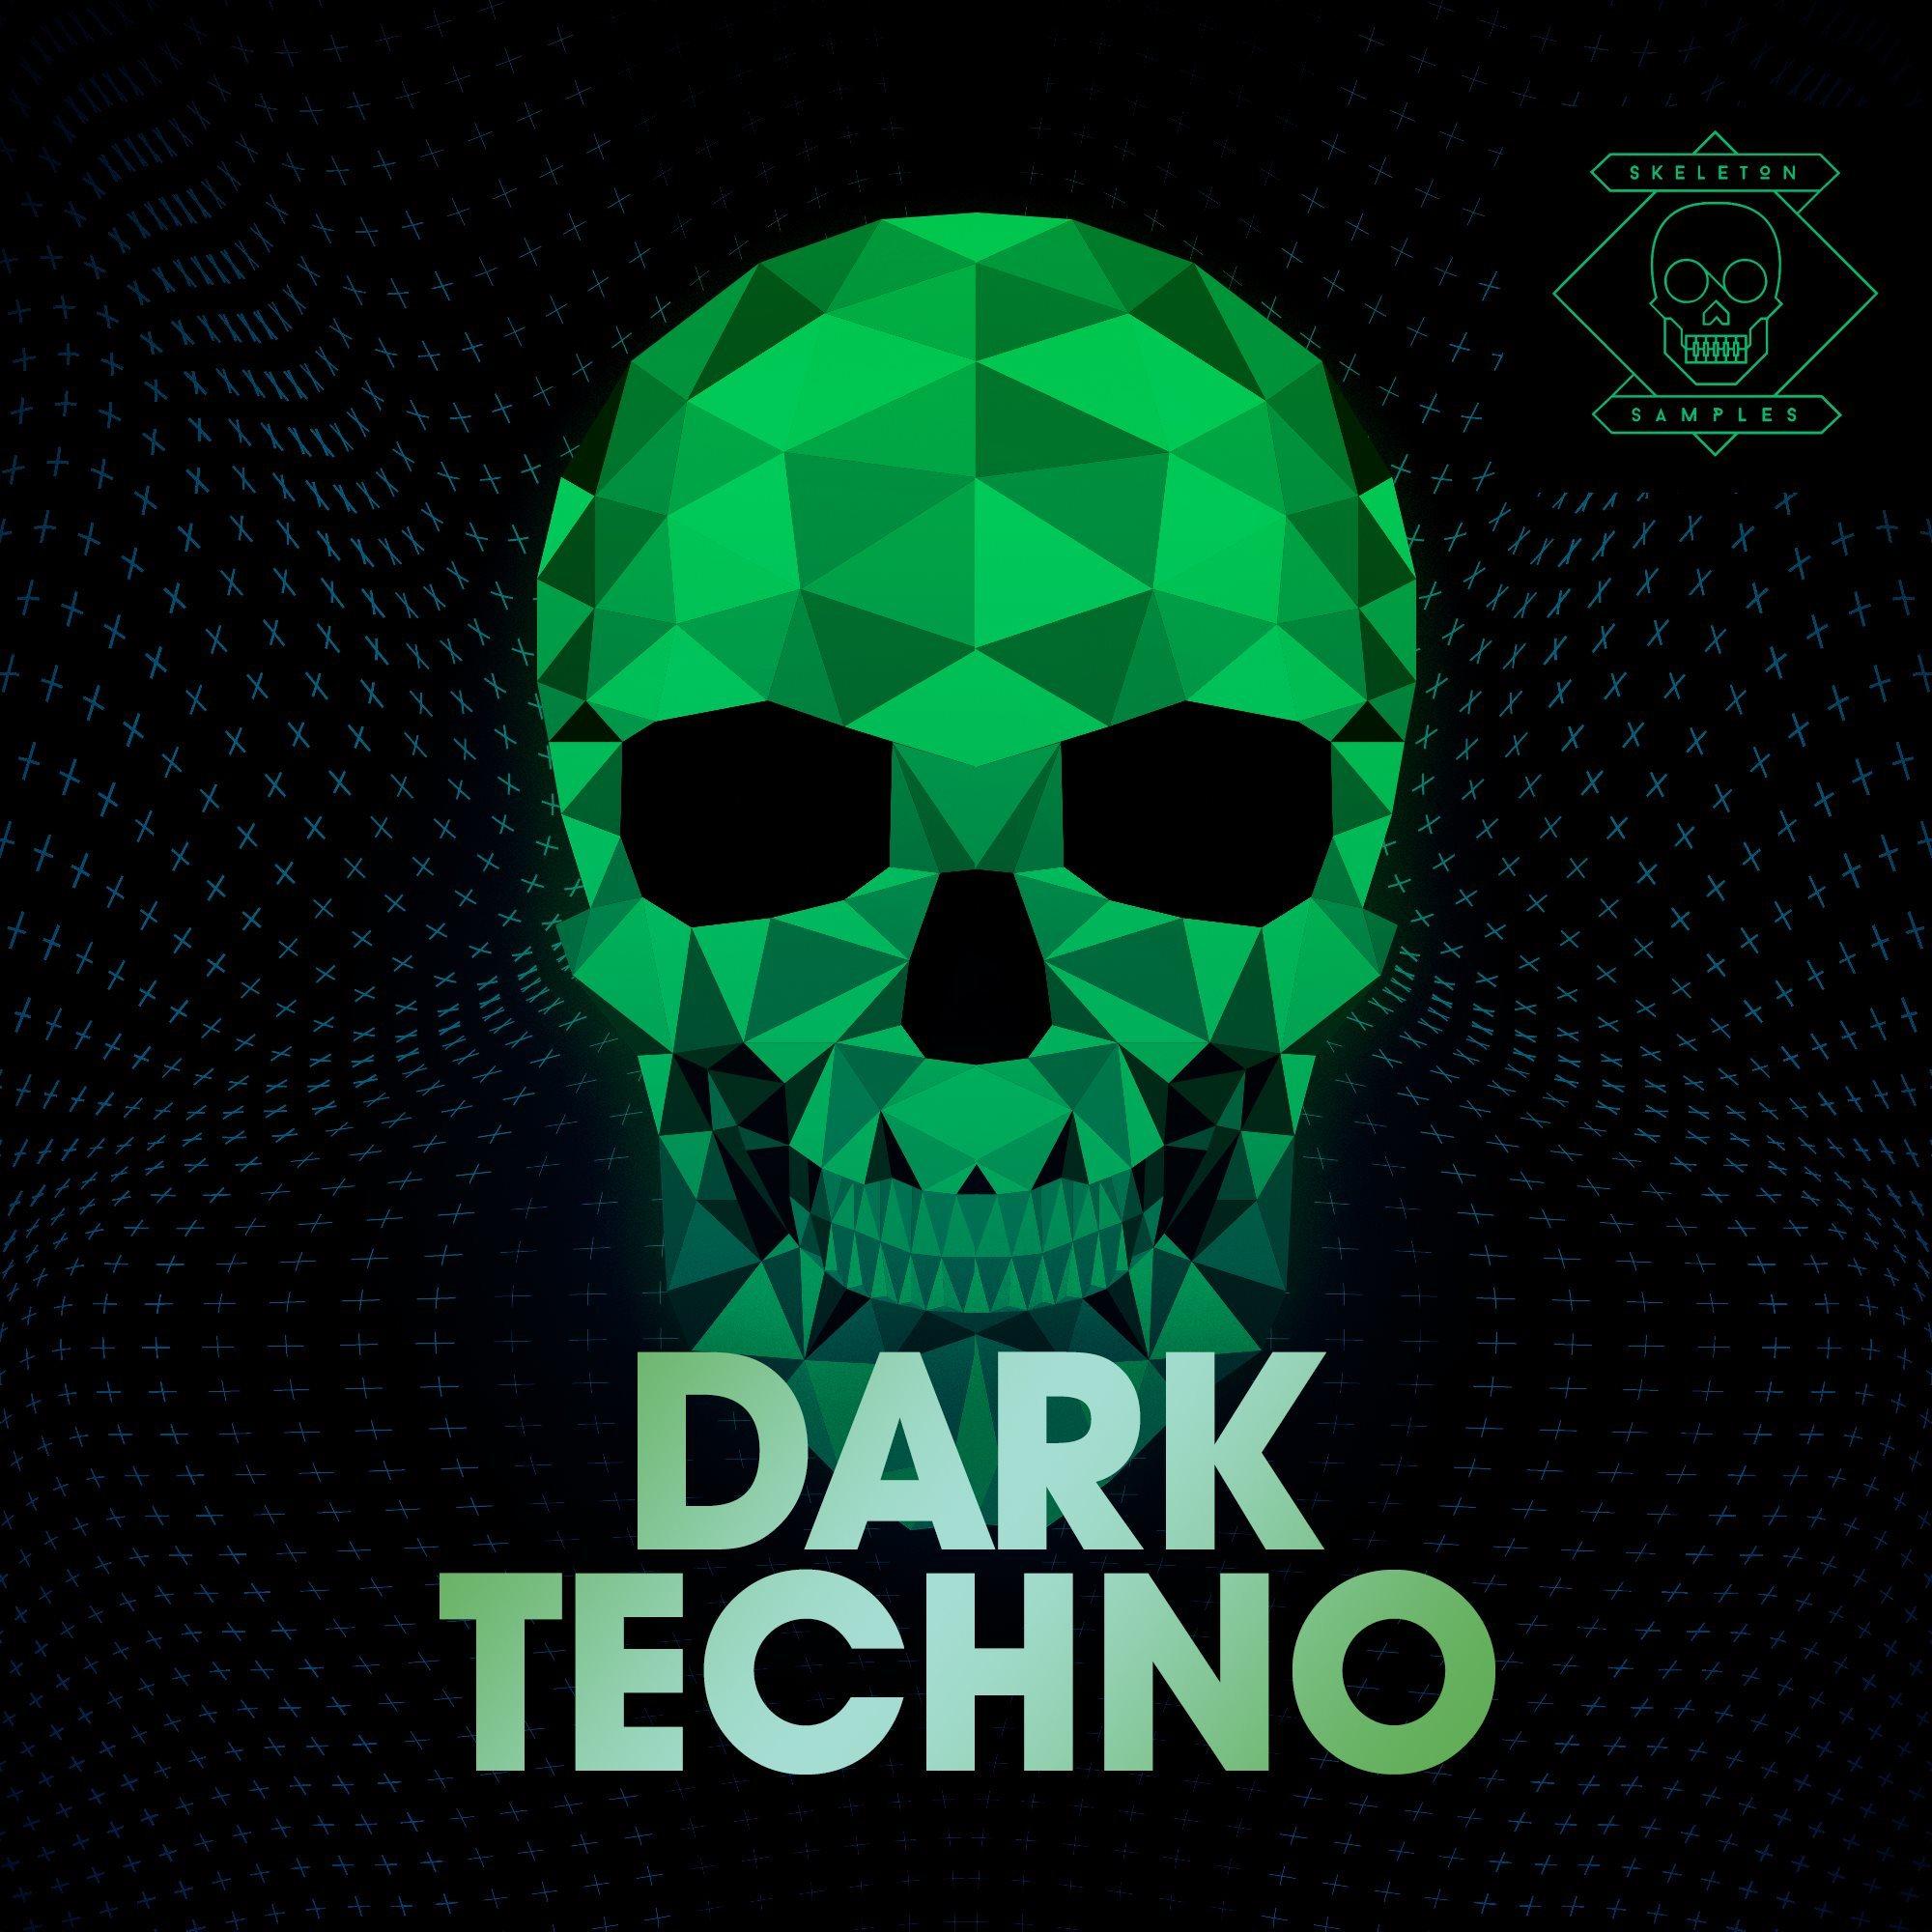 Skeleton Samples: Dark Techno